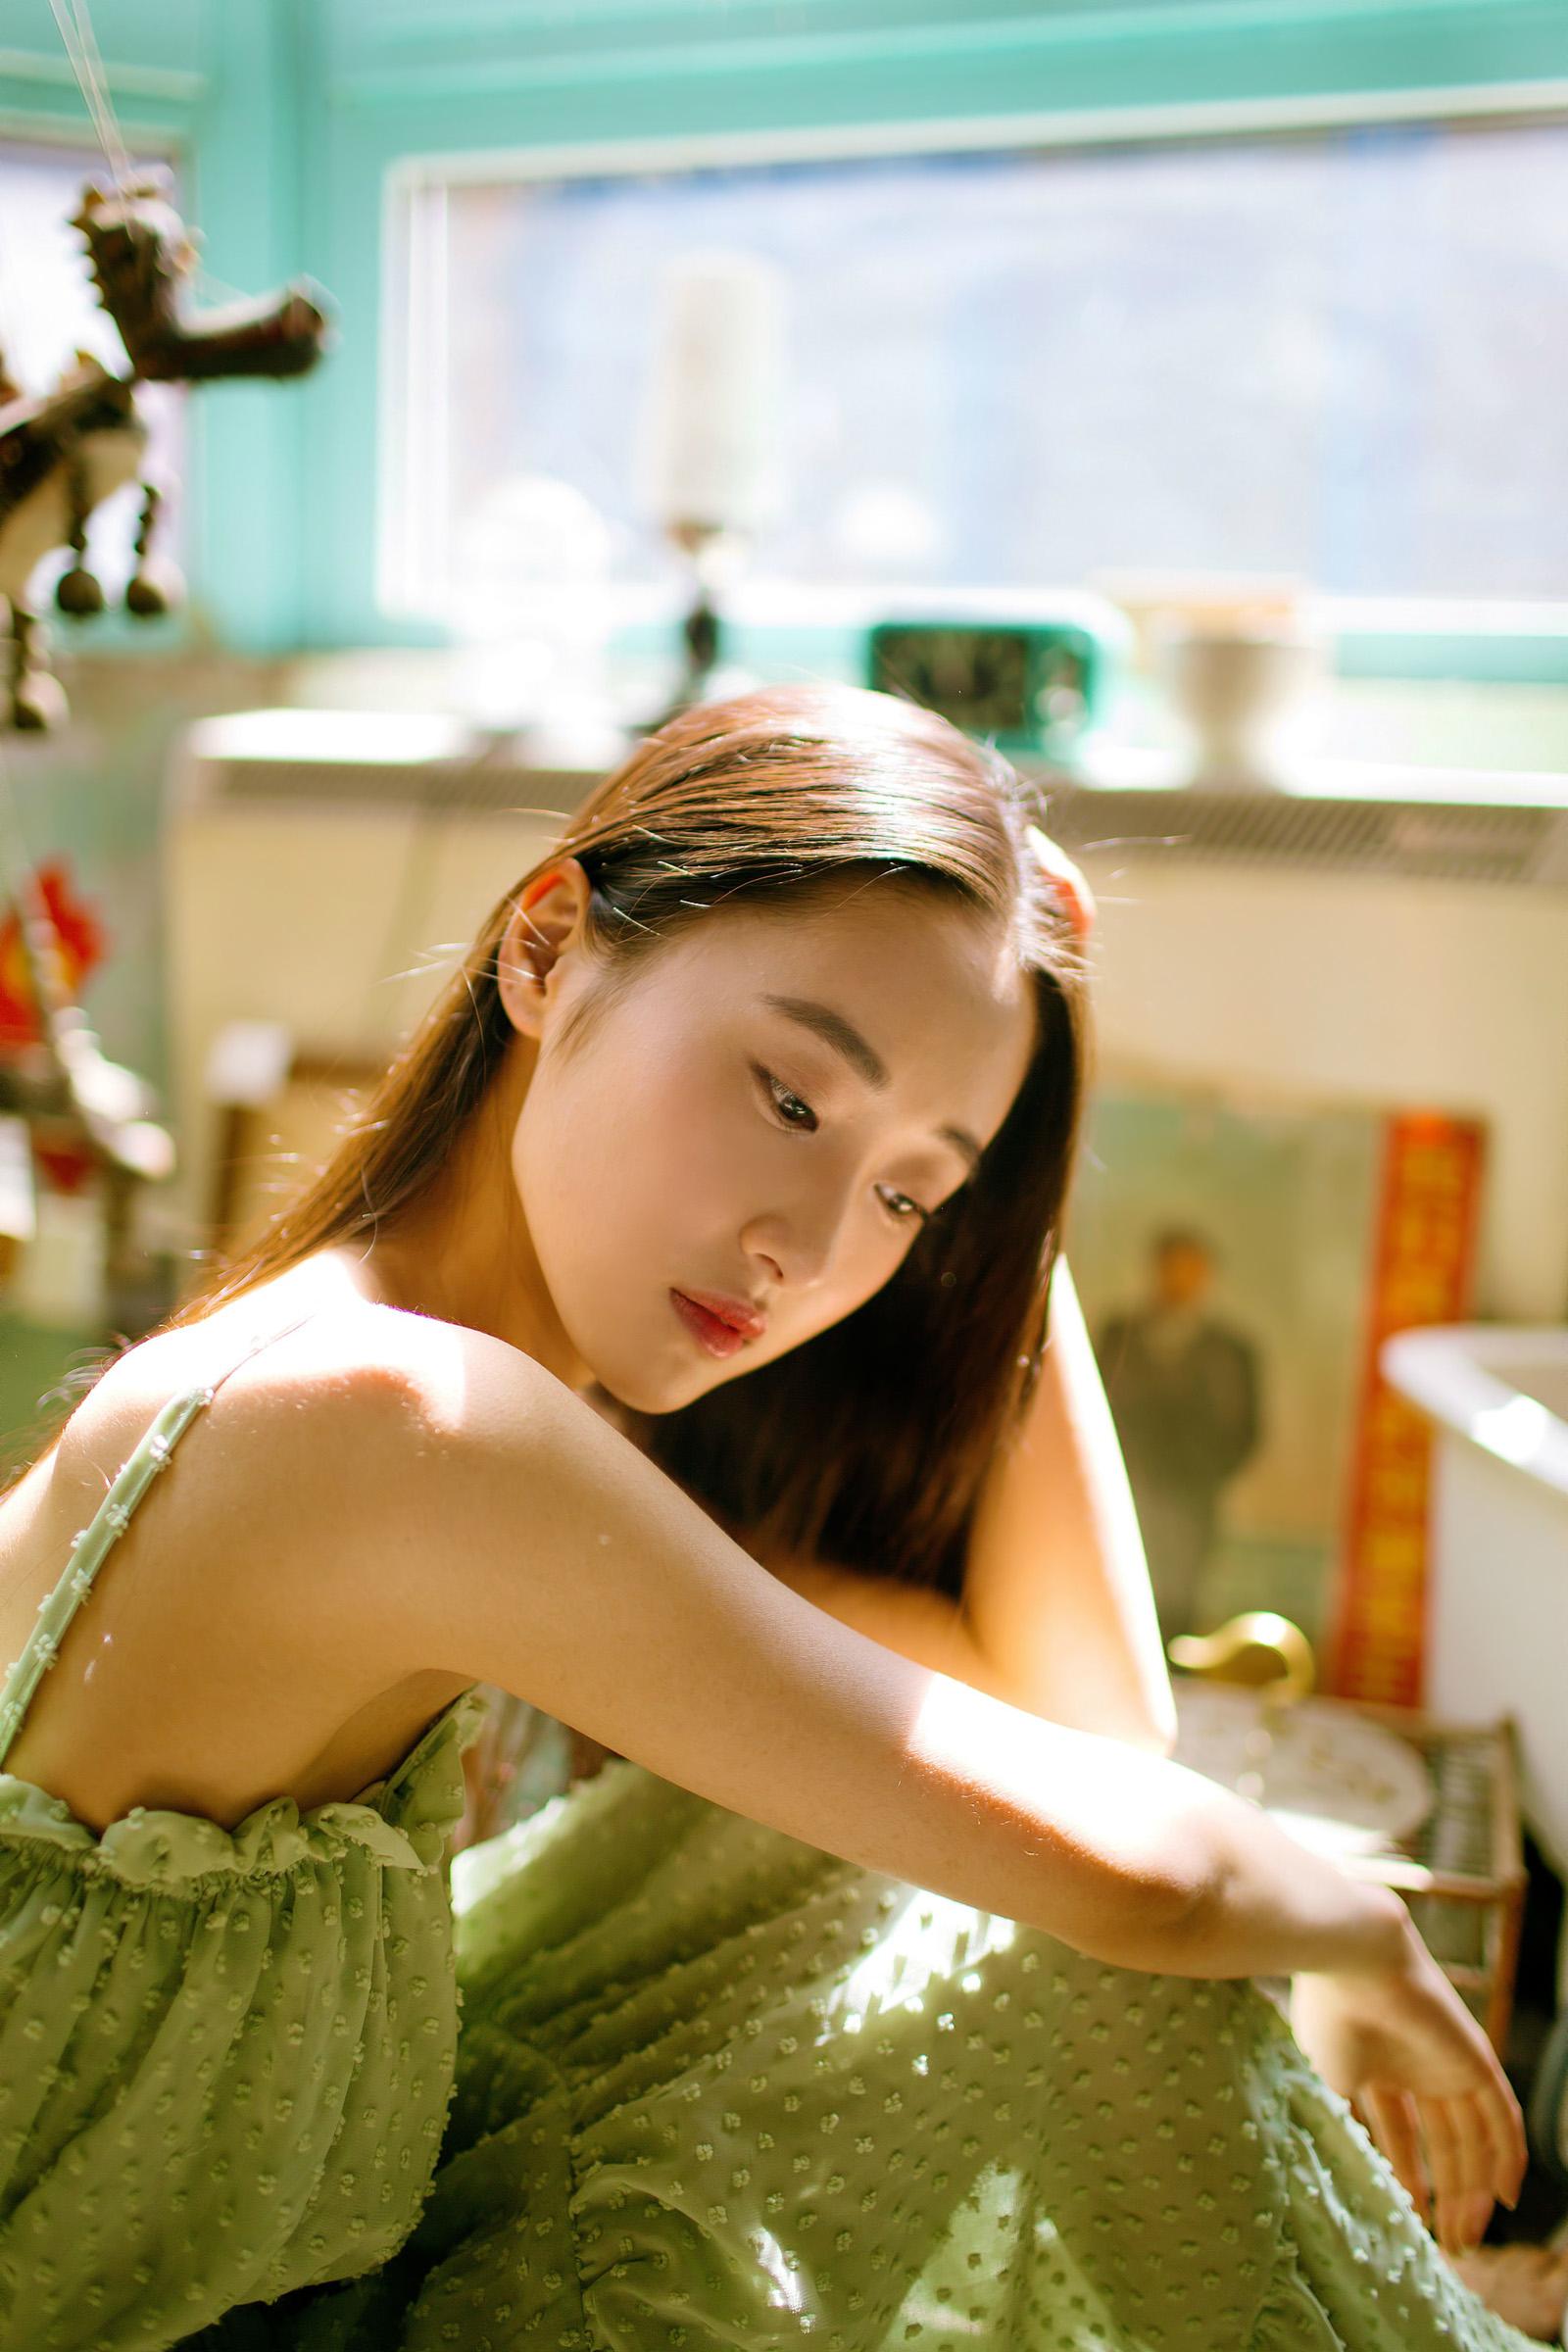 缘来是你缘去时空,心字好写人心难懂【情感美文】 - 花仙子 - 花仙子的博客.